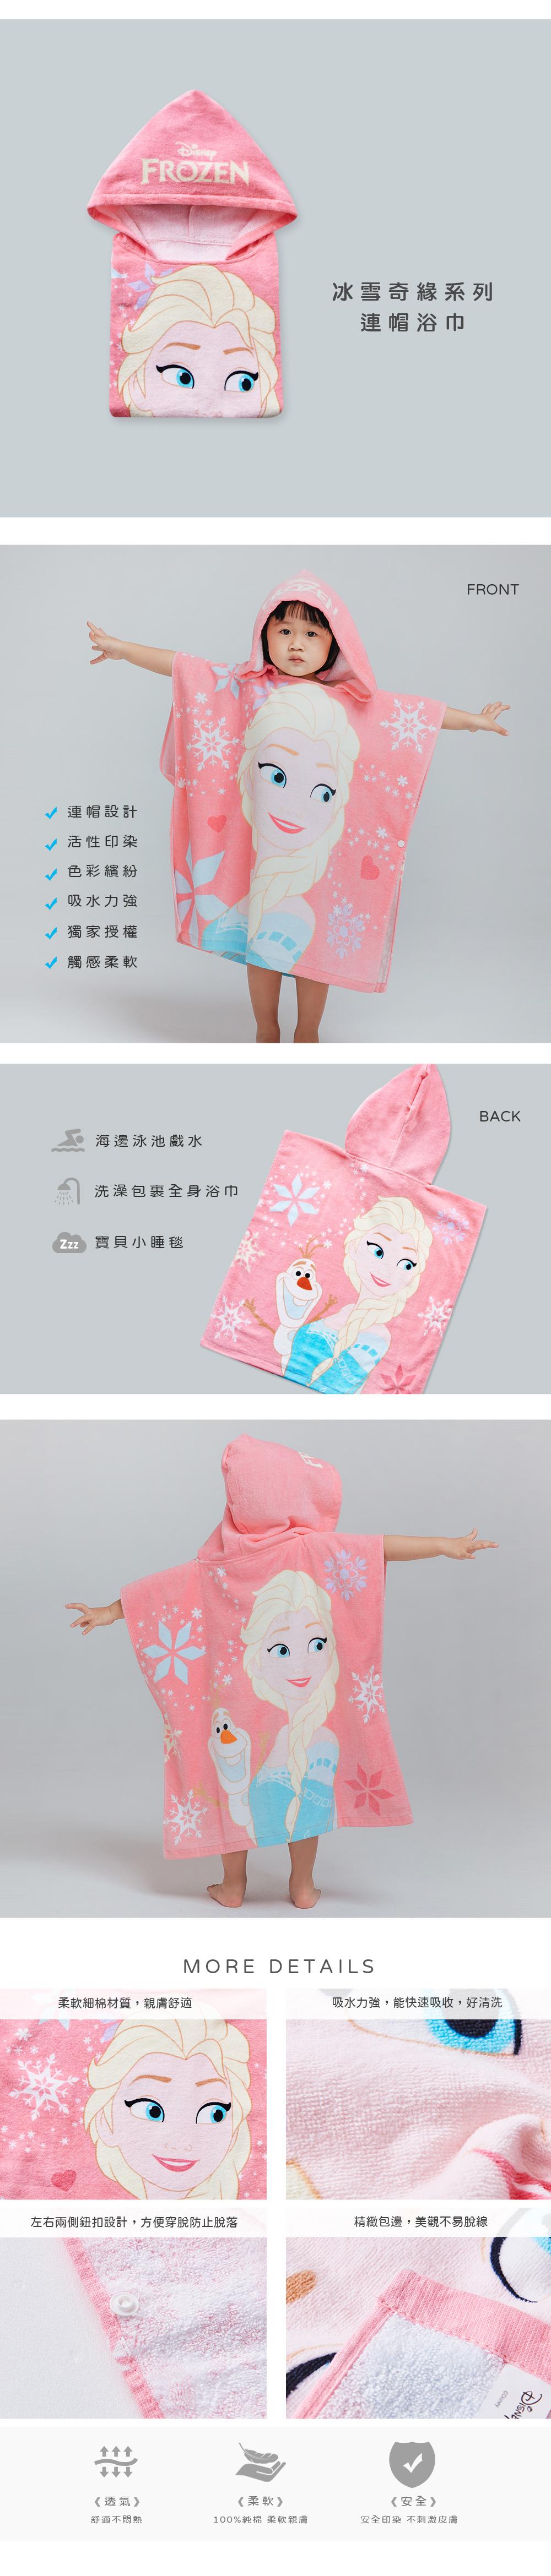 冰雪奇緣連帽浴巾-02